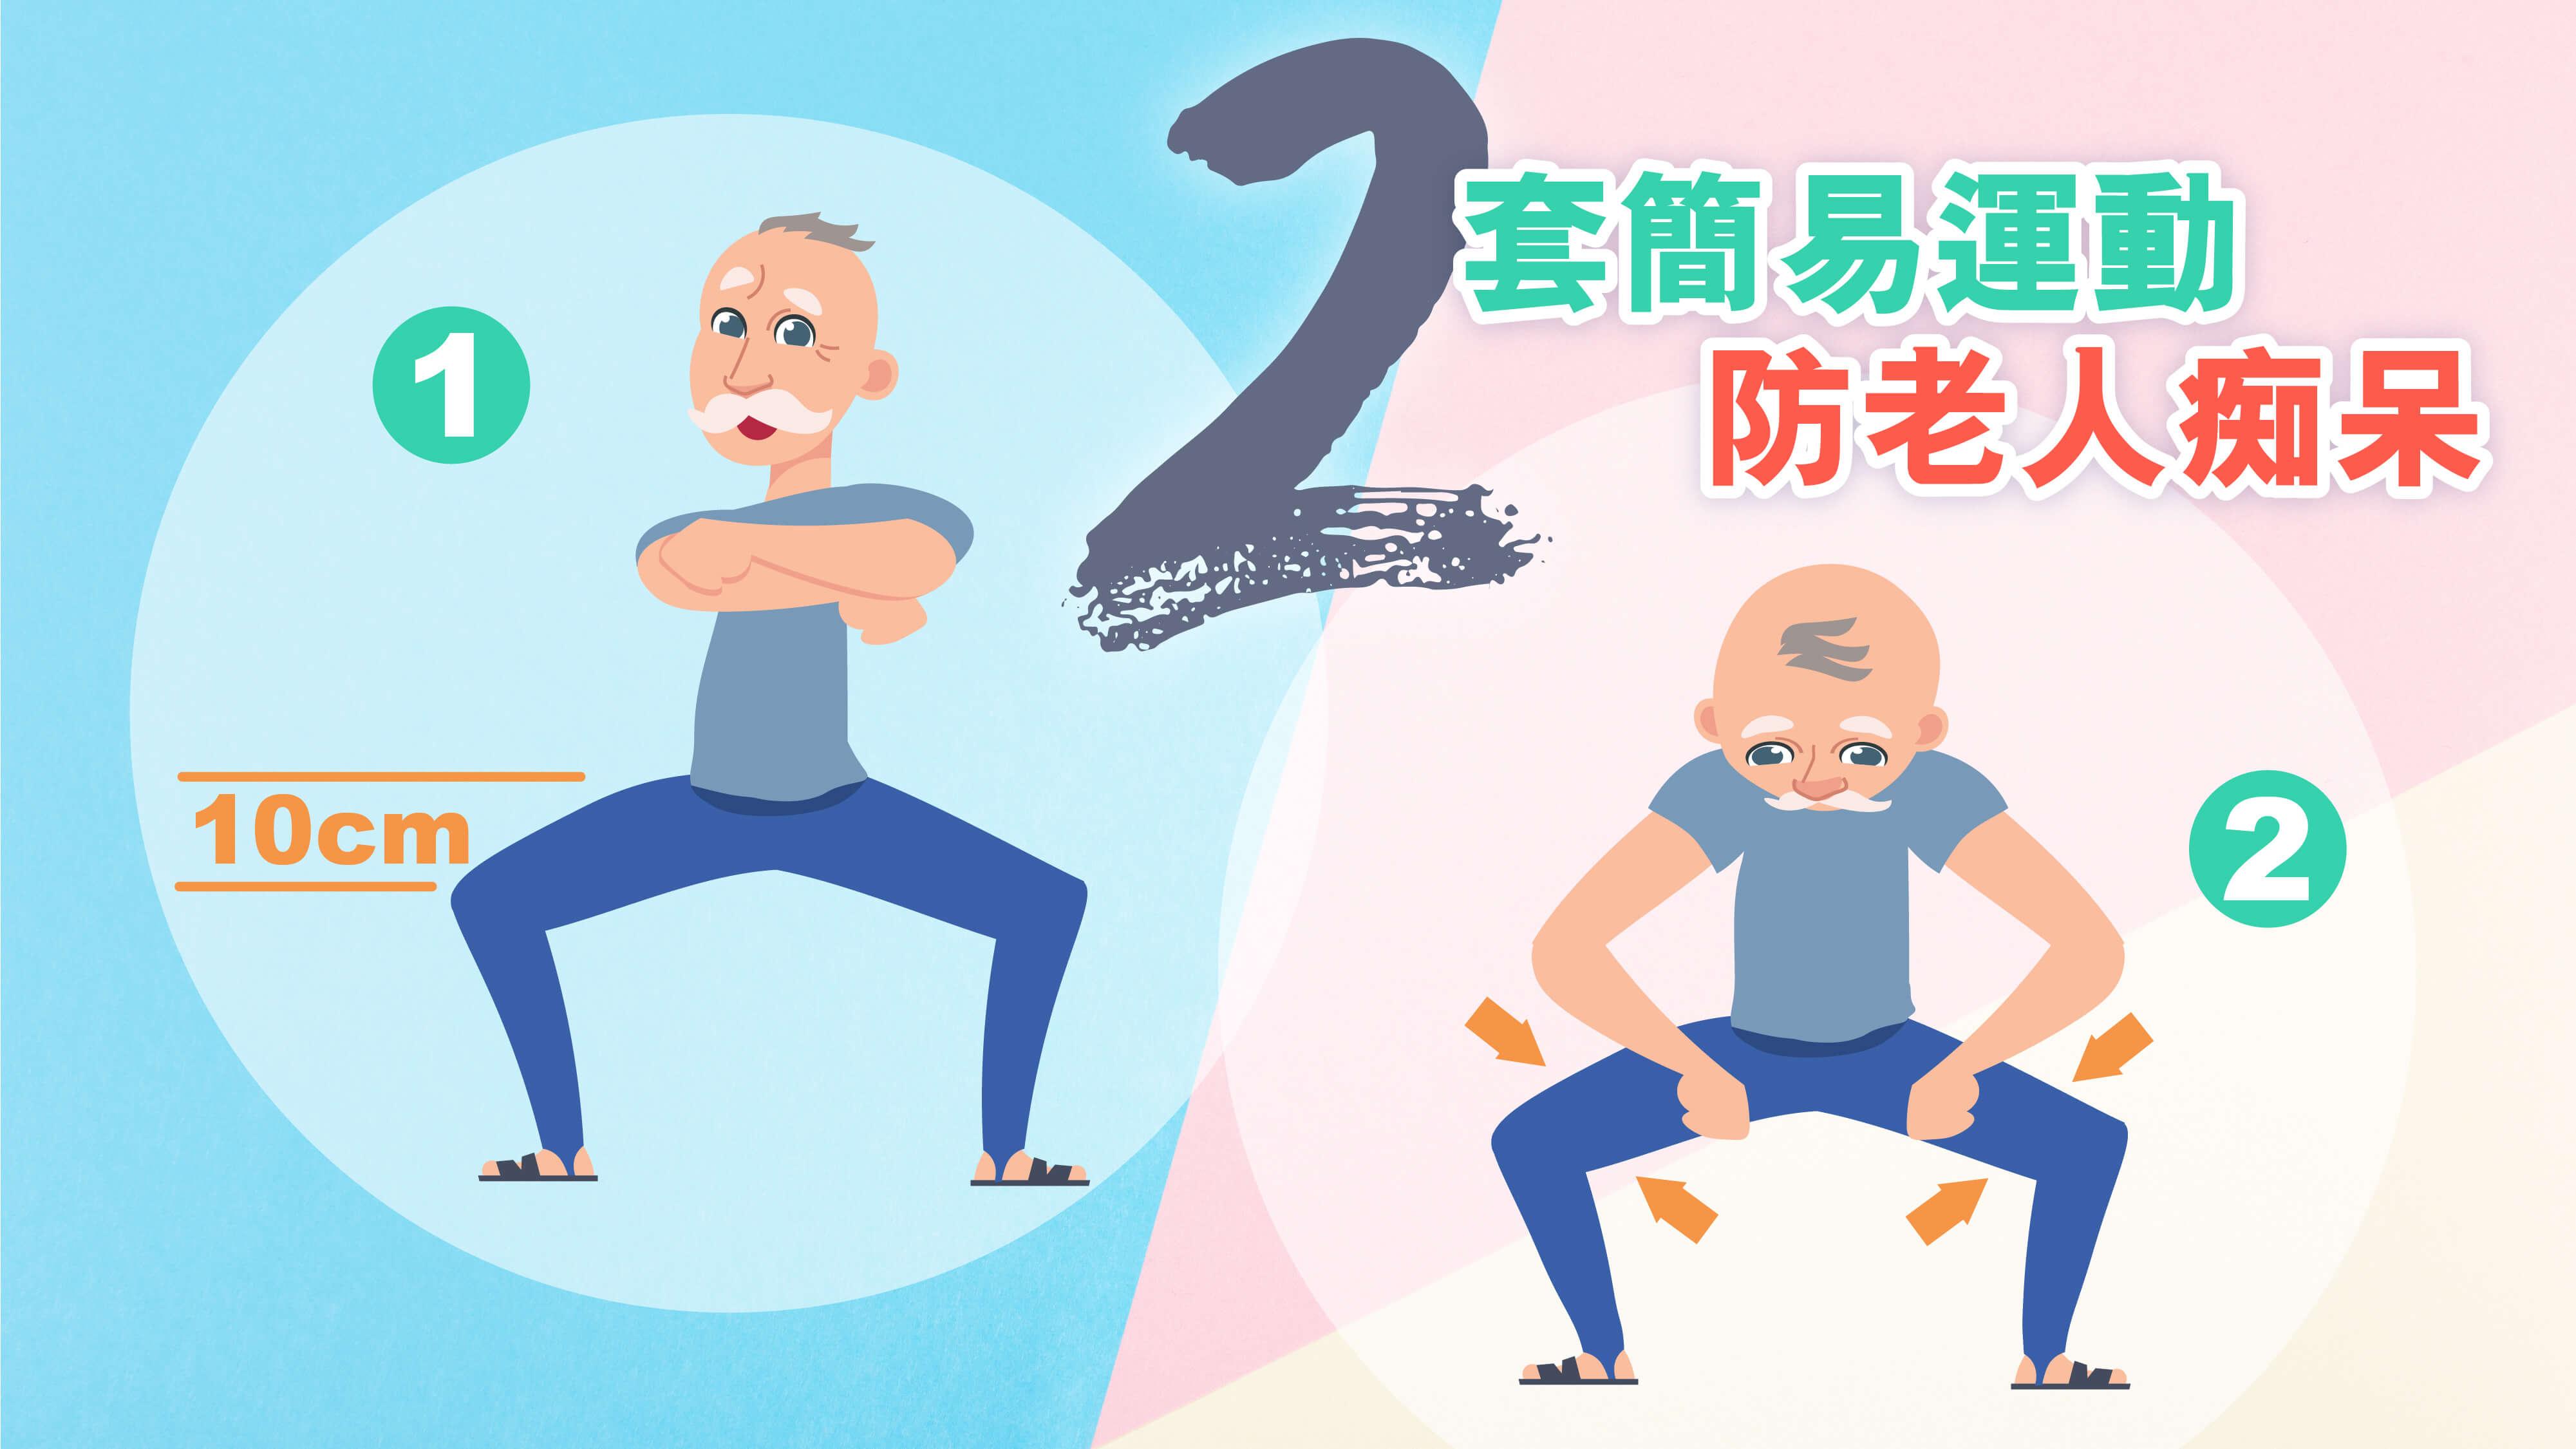 【兩簡易運動防老人痴呆】